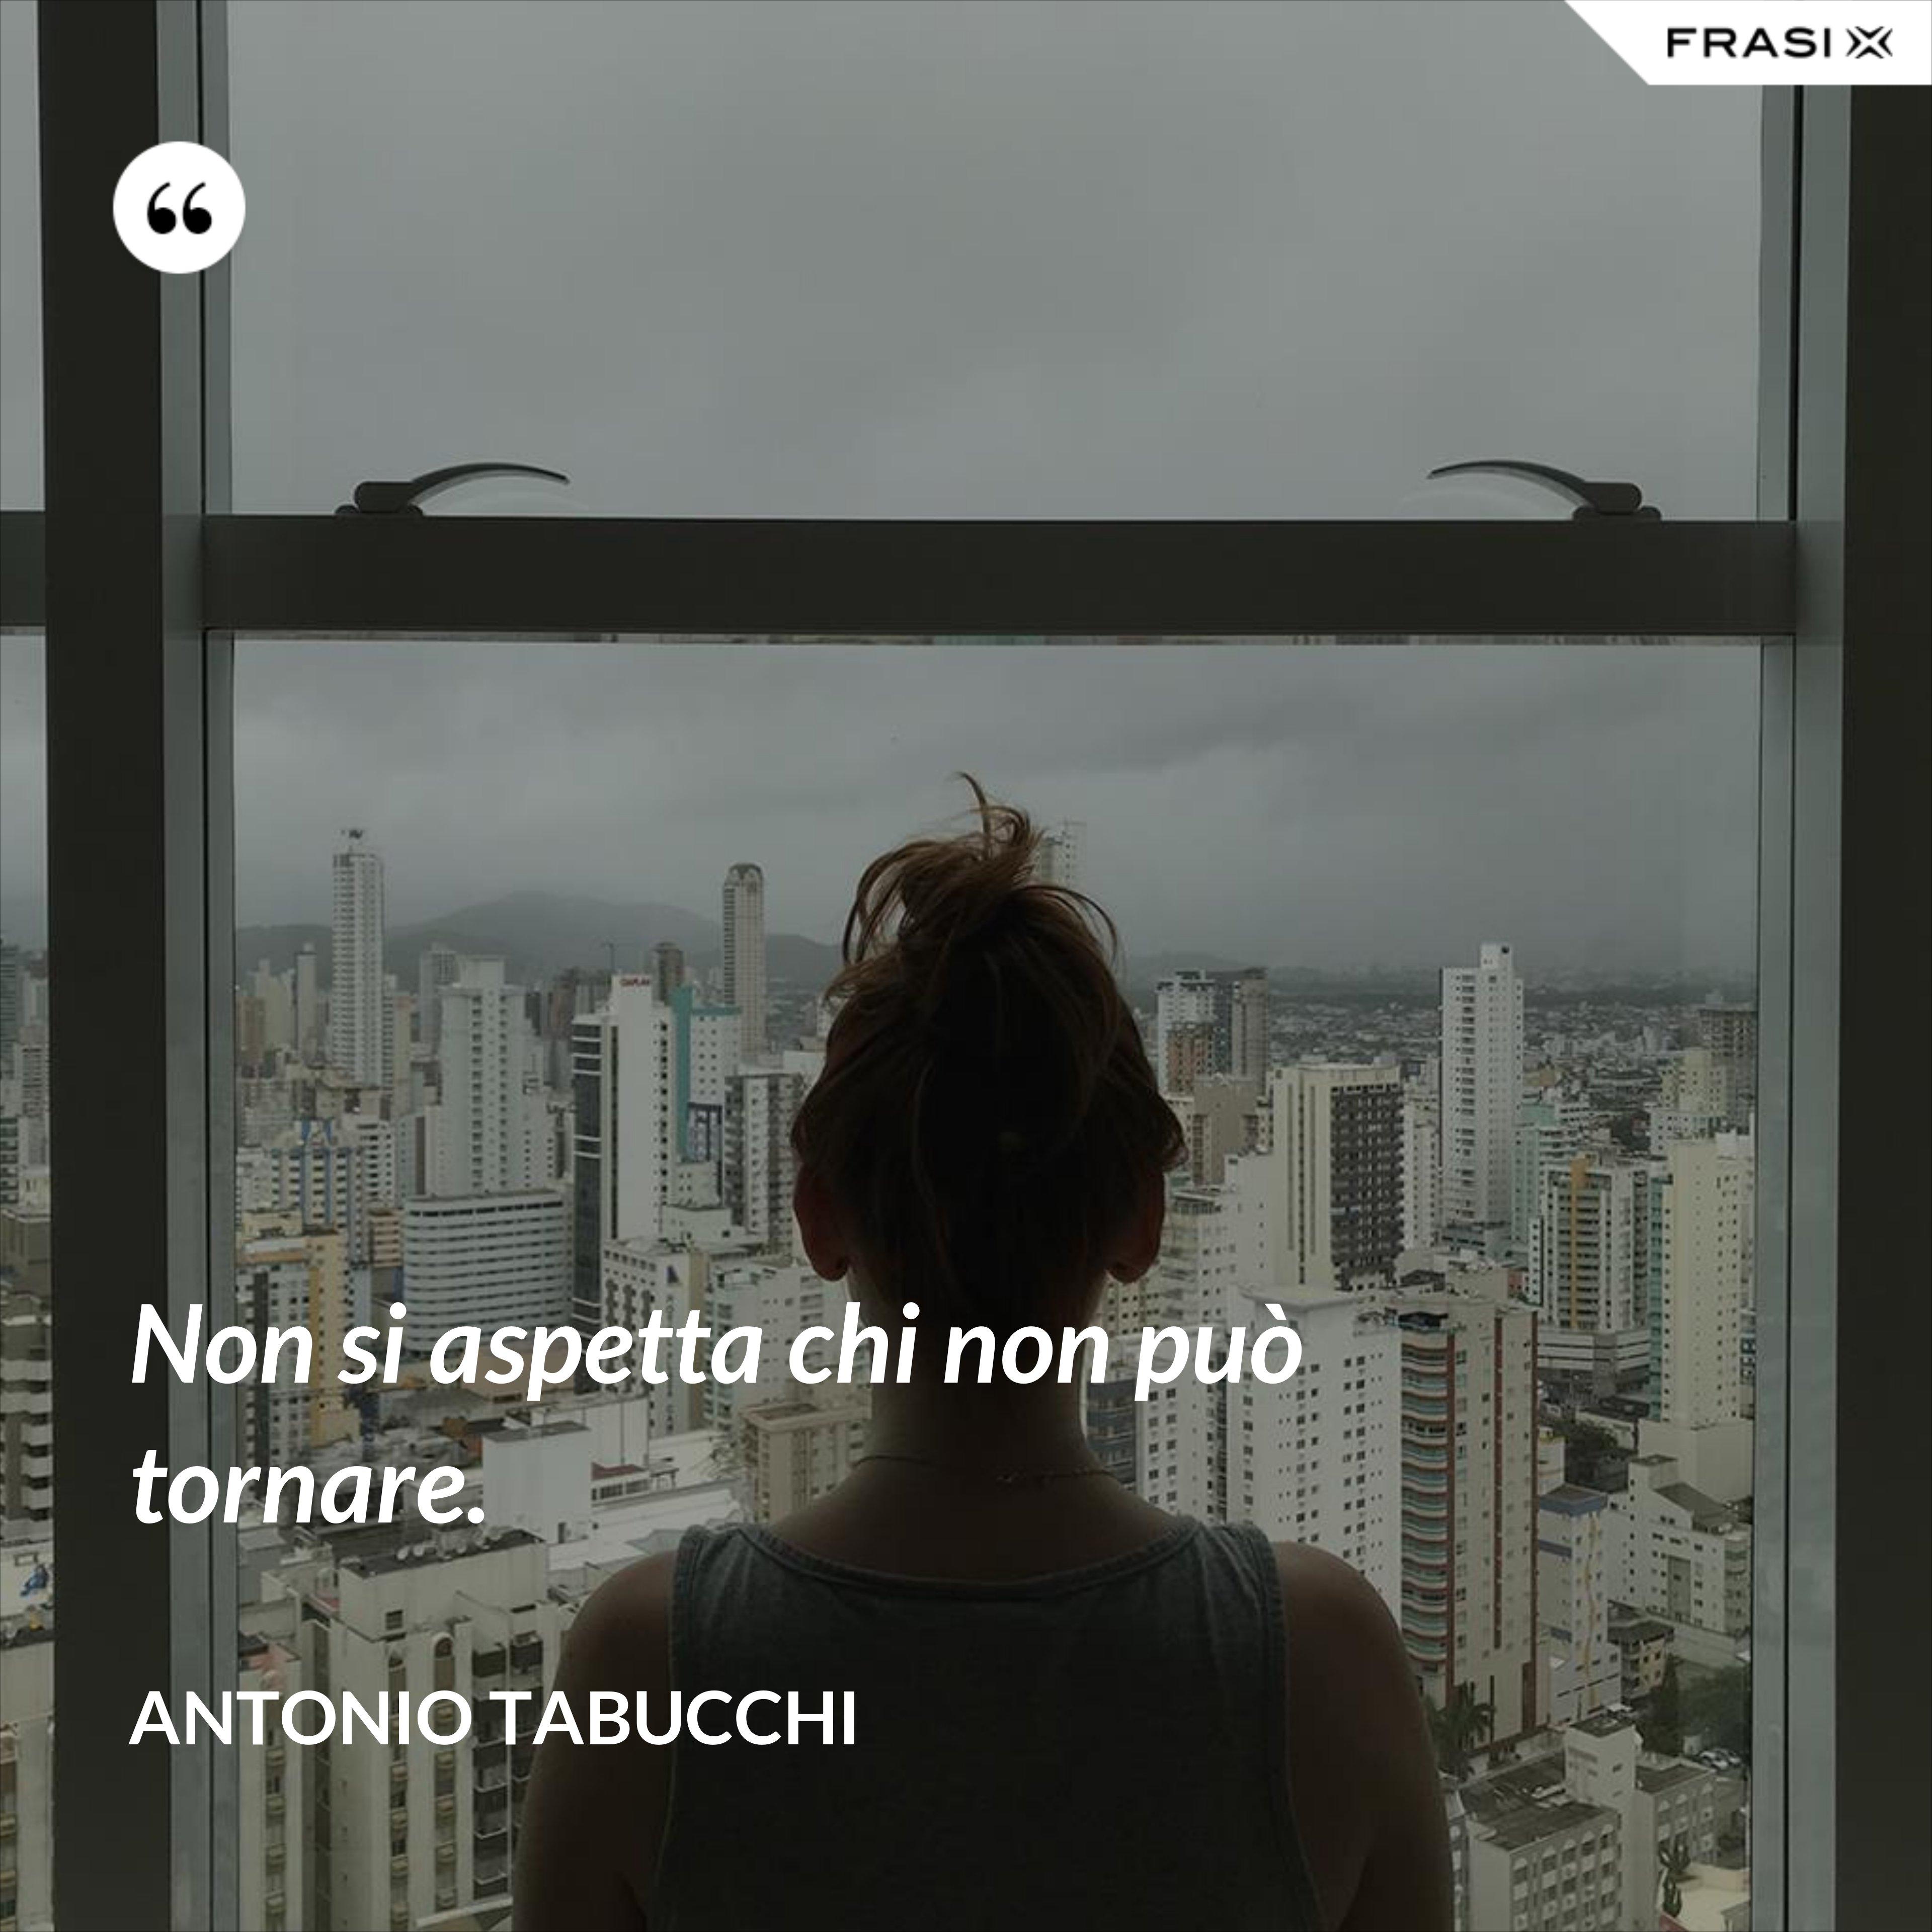 Non si aspetta chi non può tornare. - Antonio Tabucchi